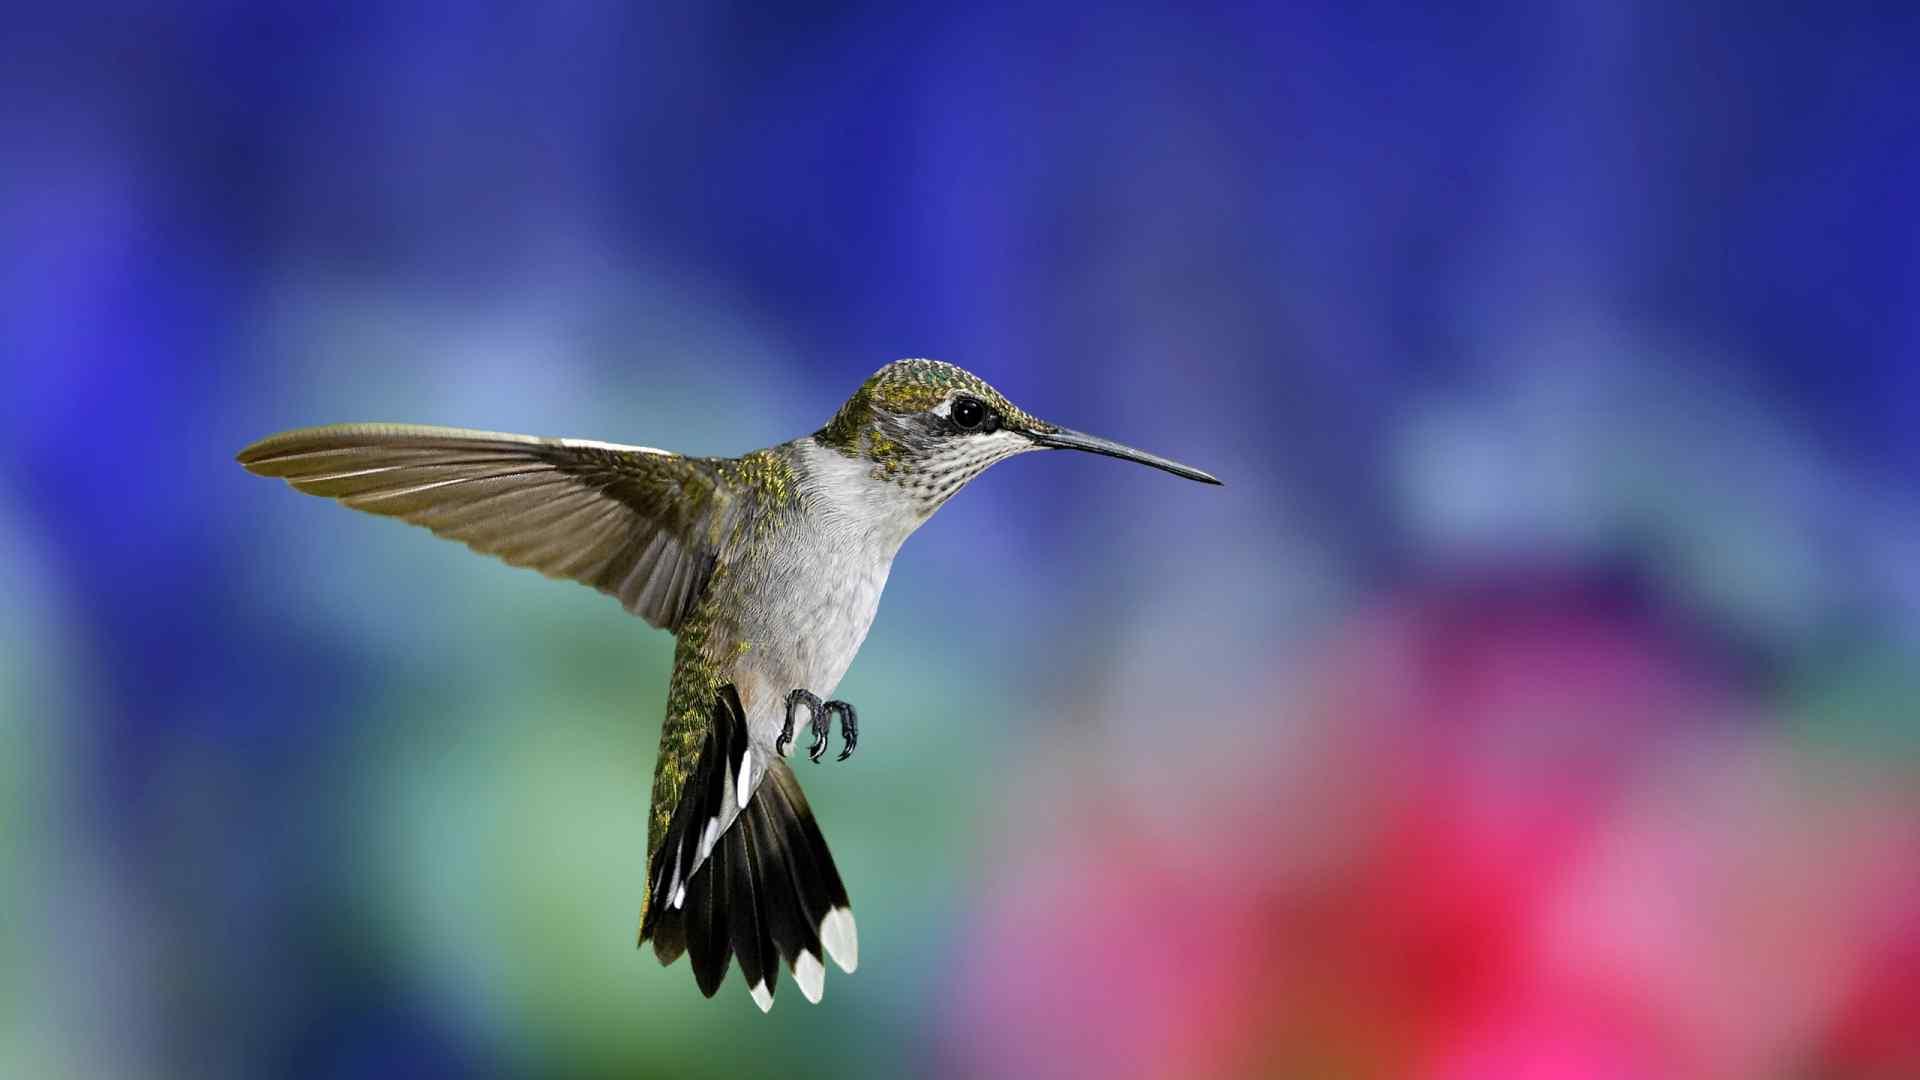 可爱蜂鸟小清新摄影图片高清壁纸